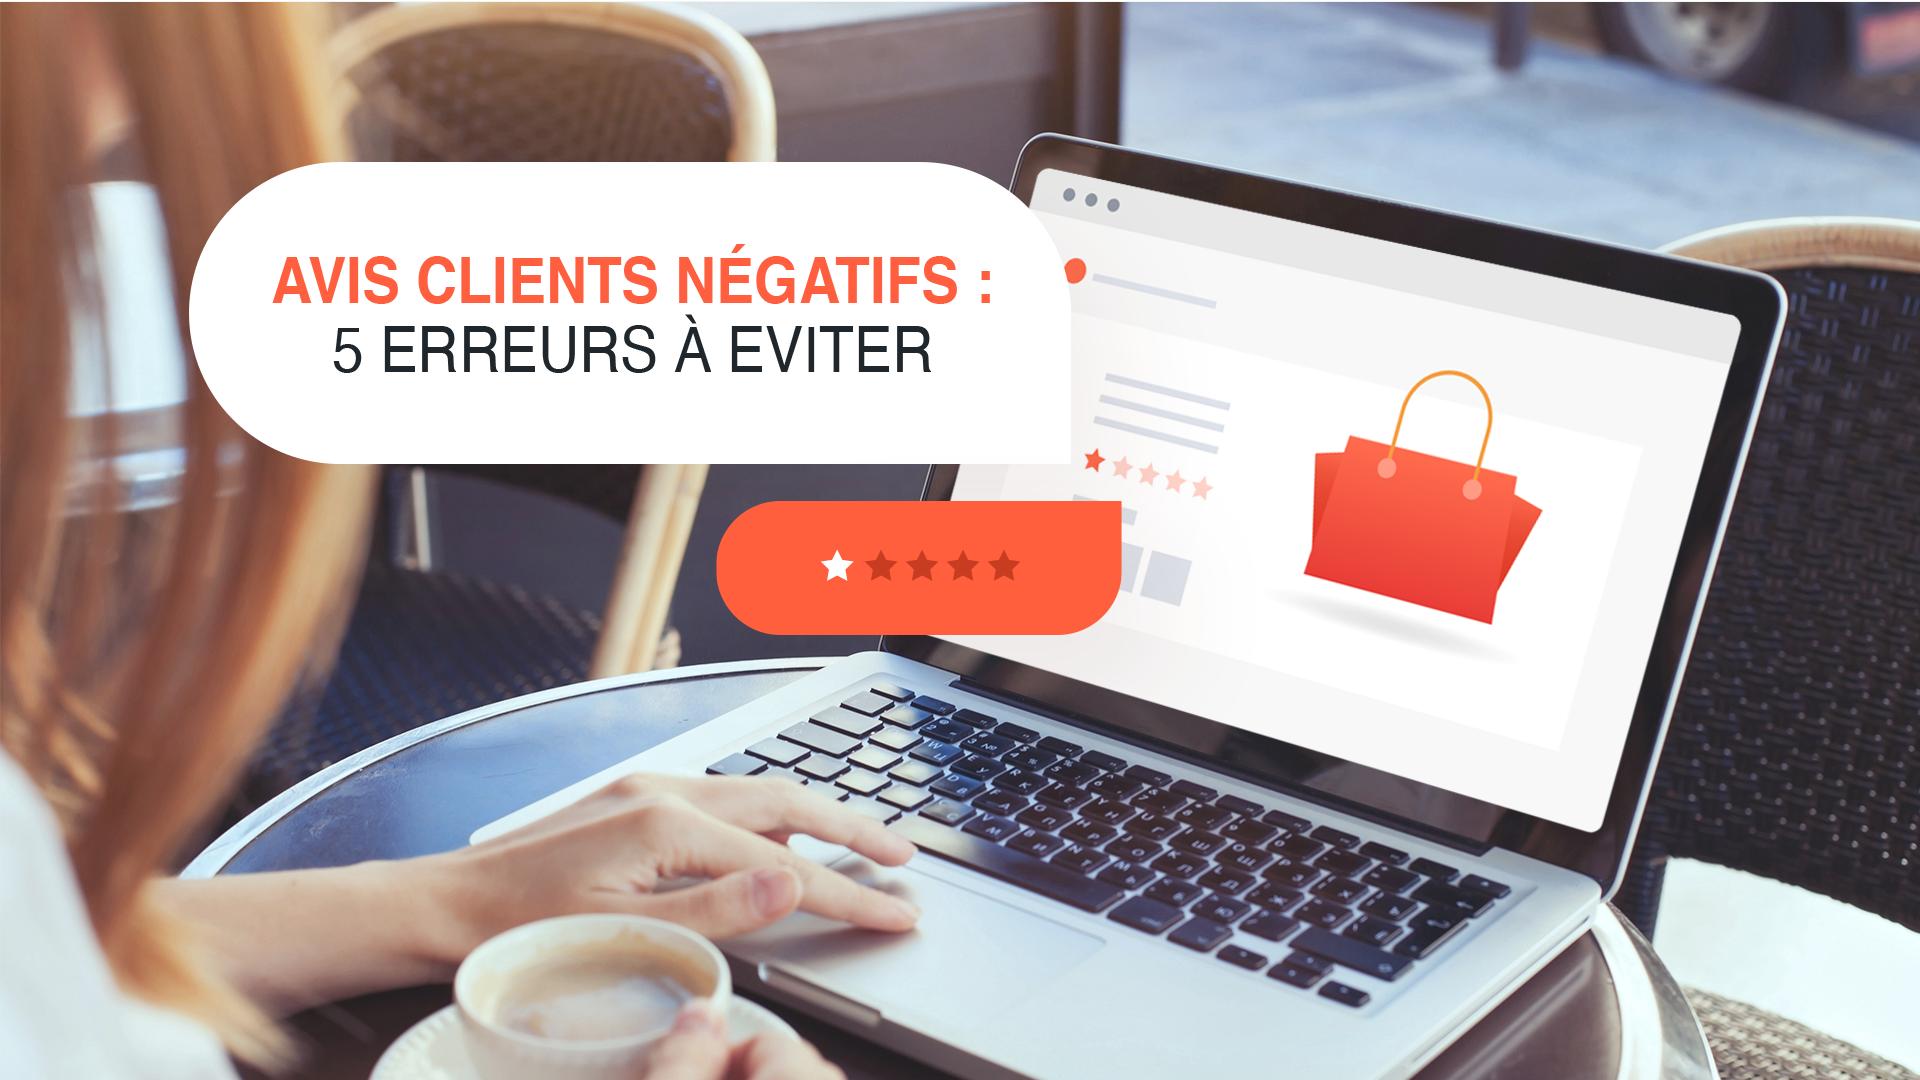 Avis clients négatifs : 5 erreurs à éviter